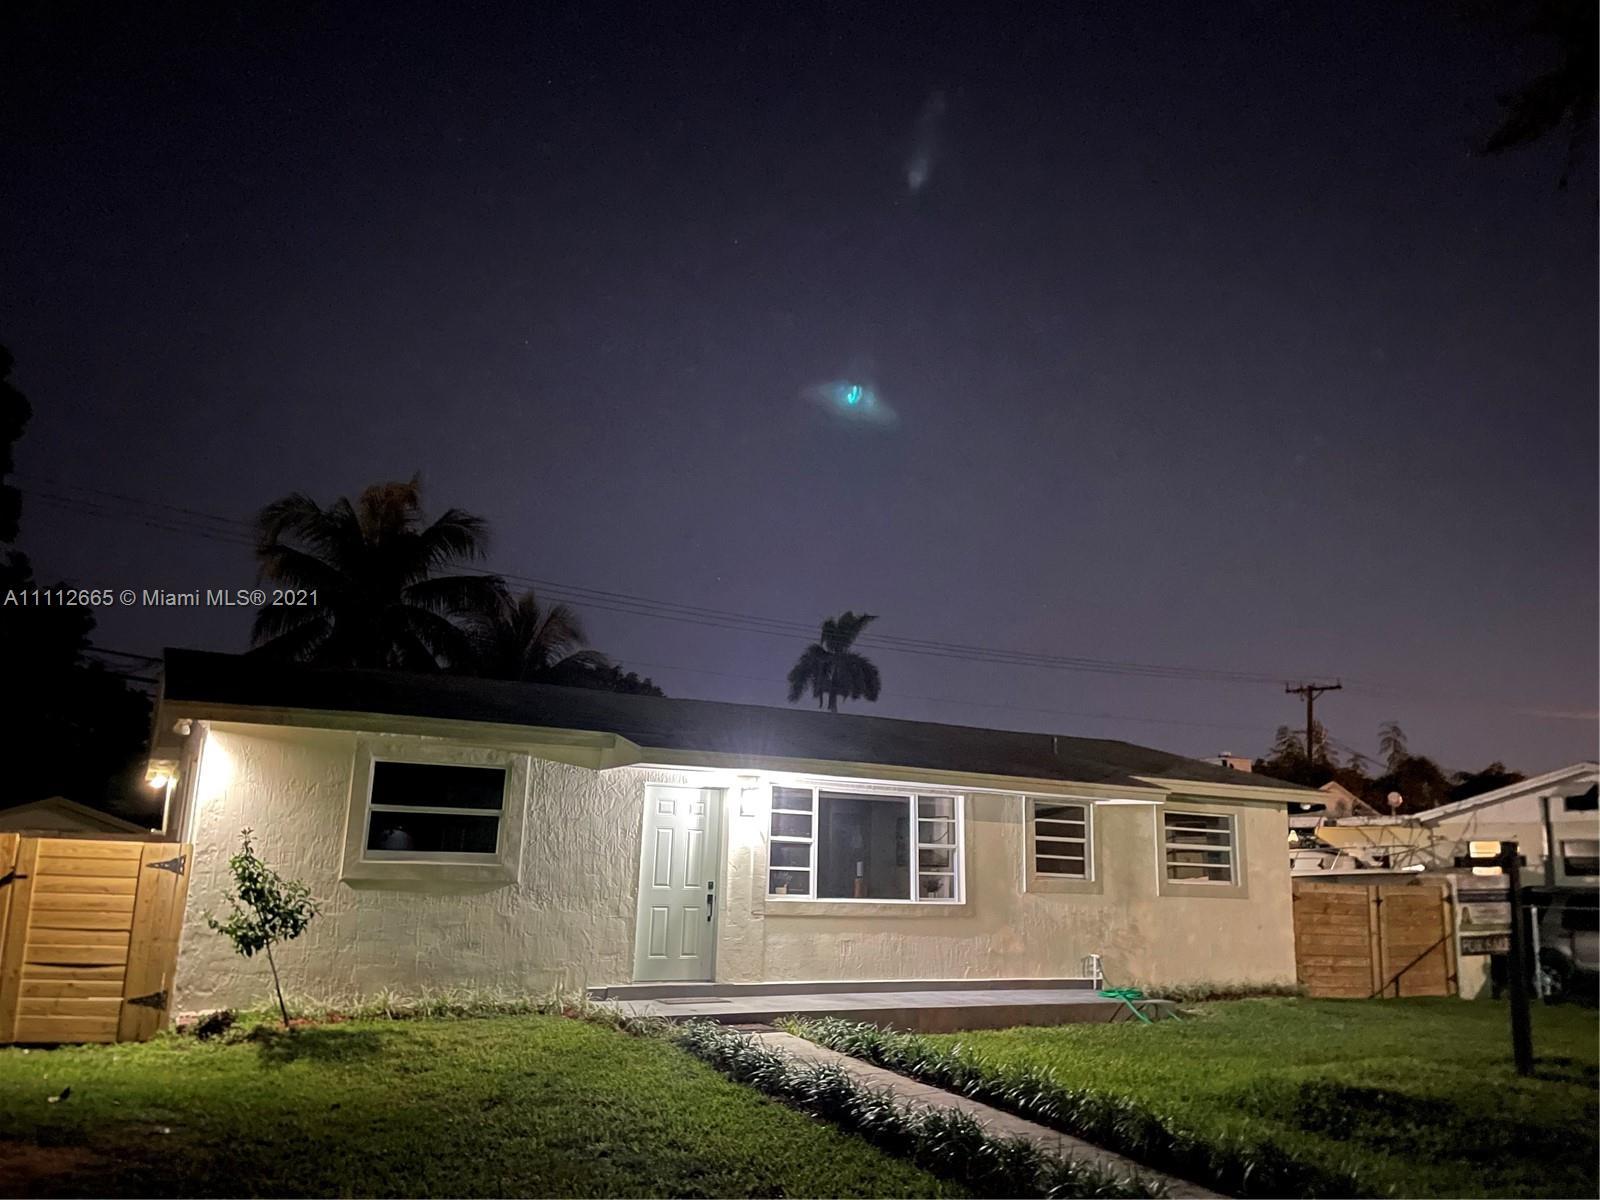 Single Family Home,For Sale,20850 Anchor Rd, Cutler Bay, Florida 33189,Brickell,realty,broker,condos near me